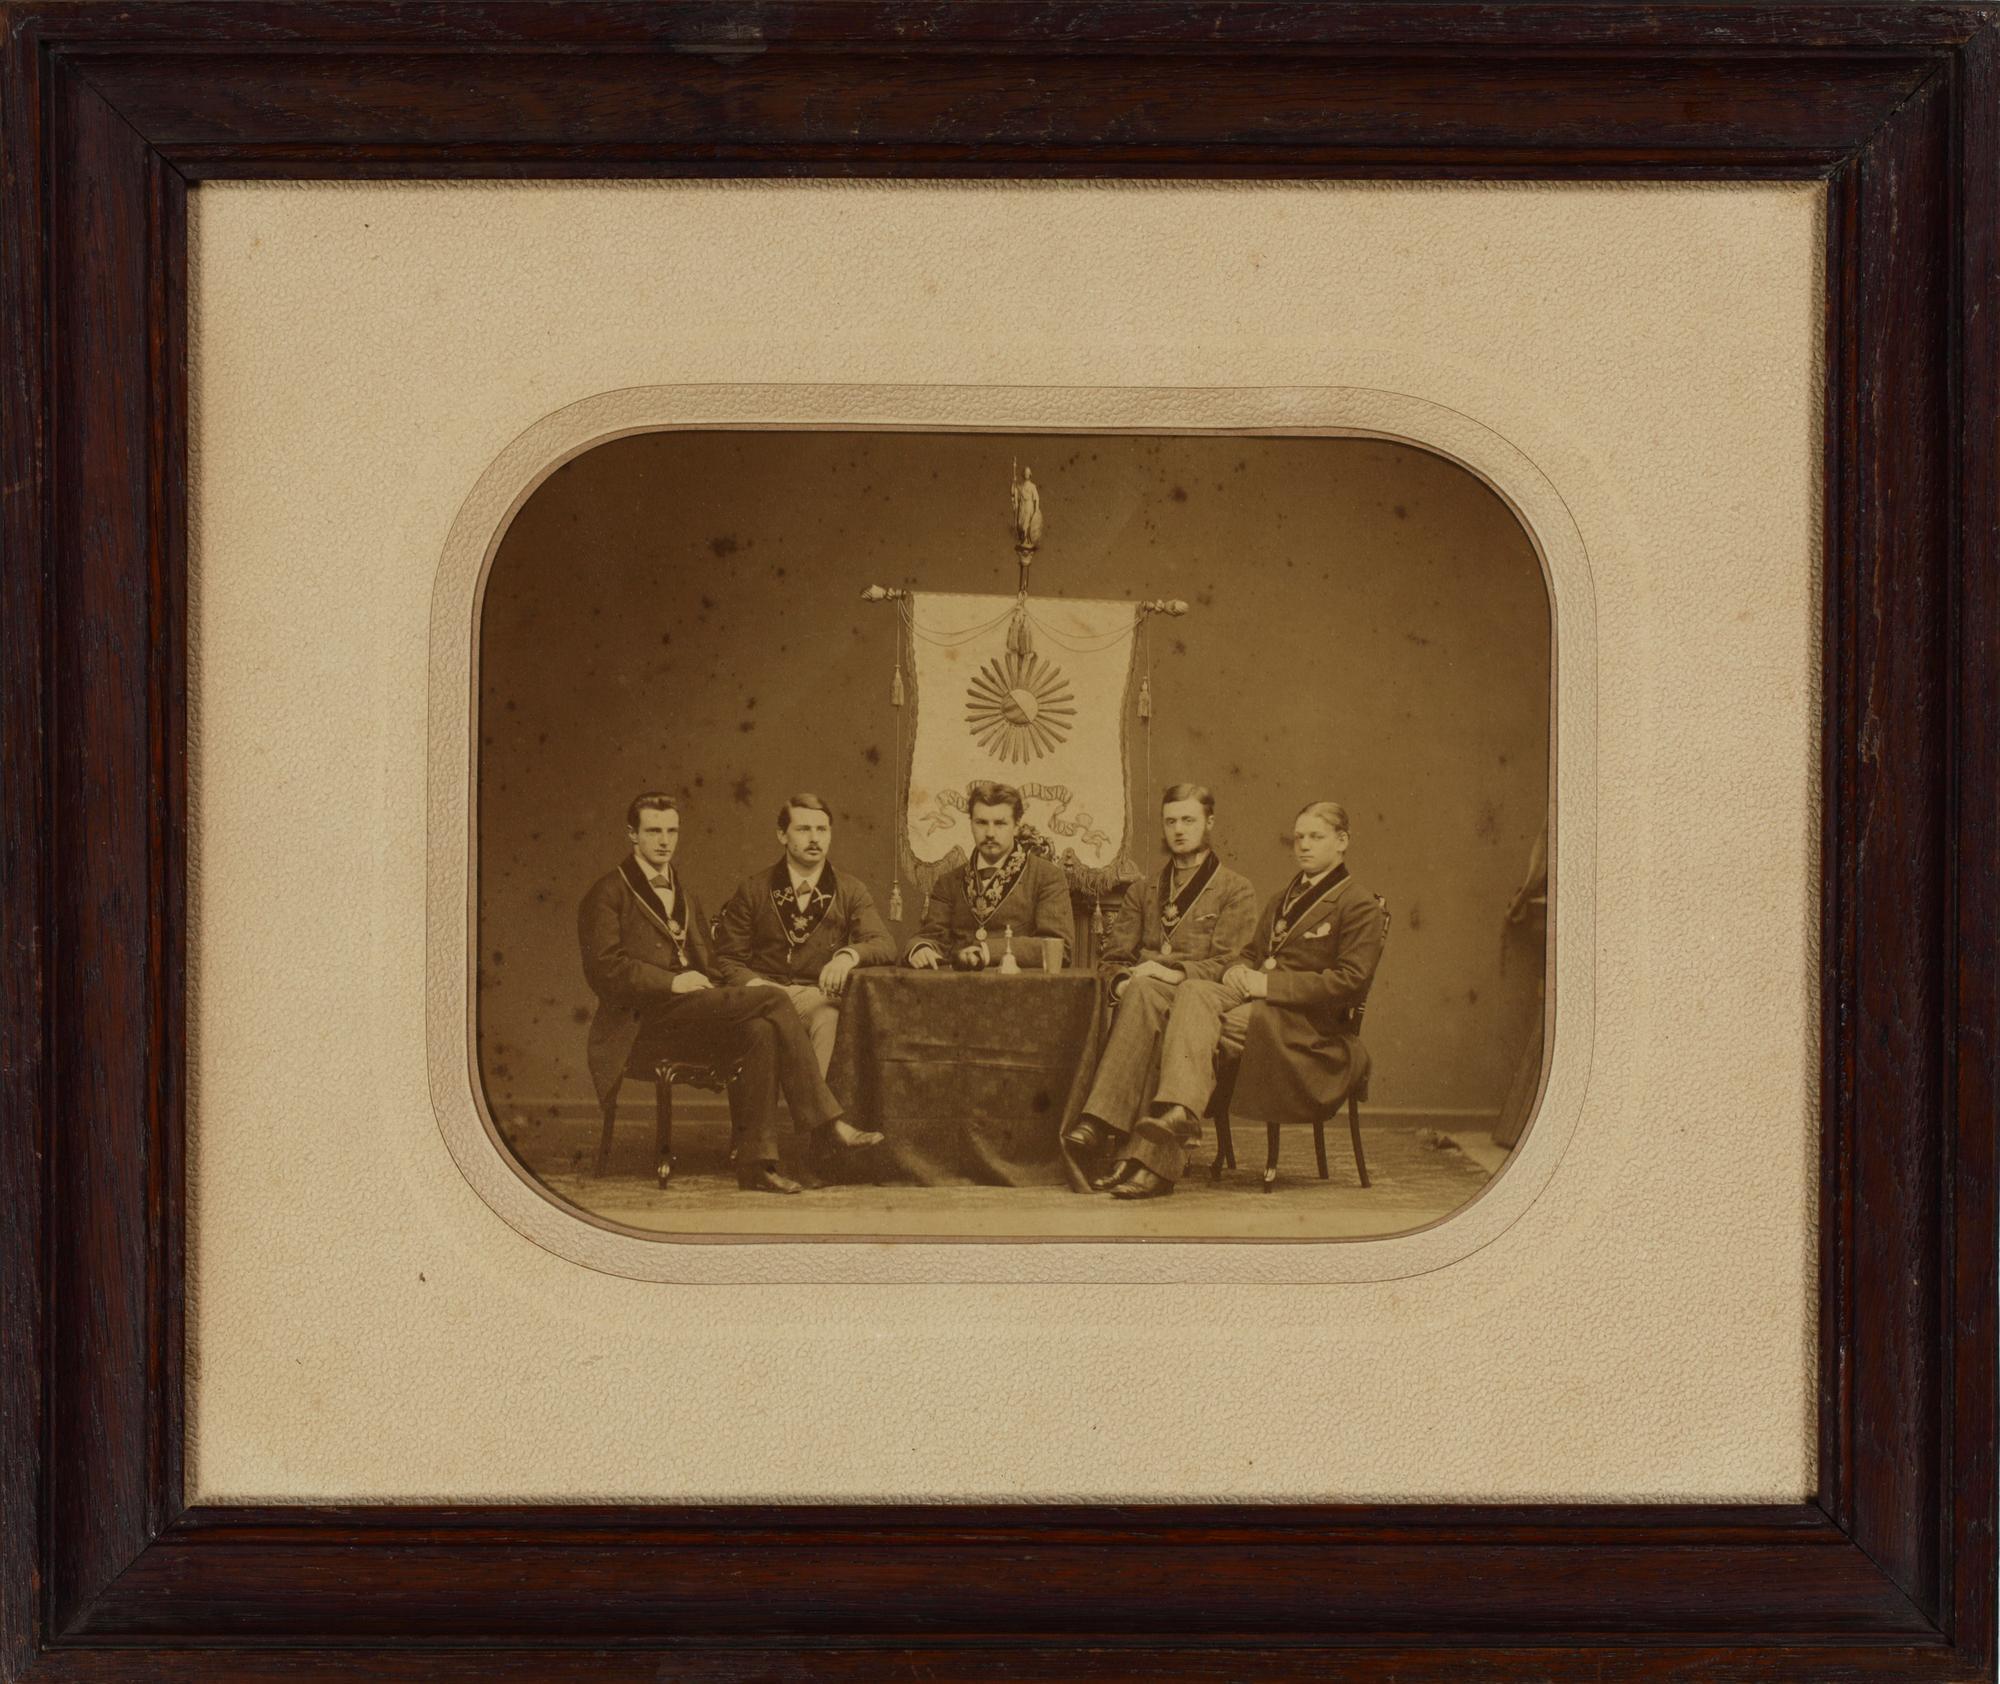 Senaat_1878_rector_Moens.jpg